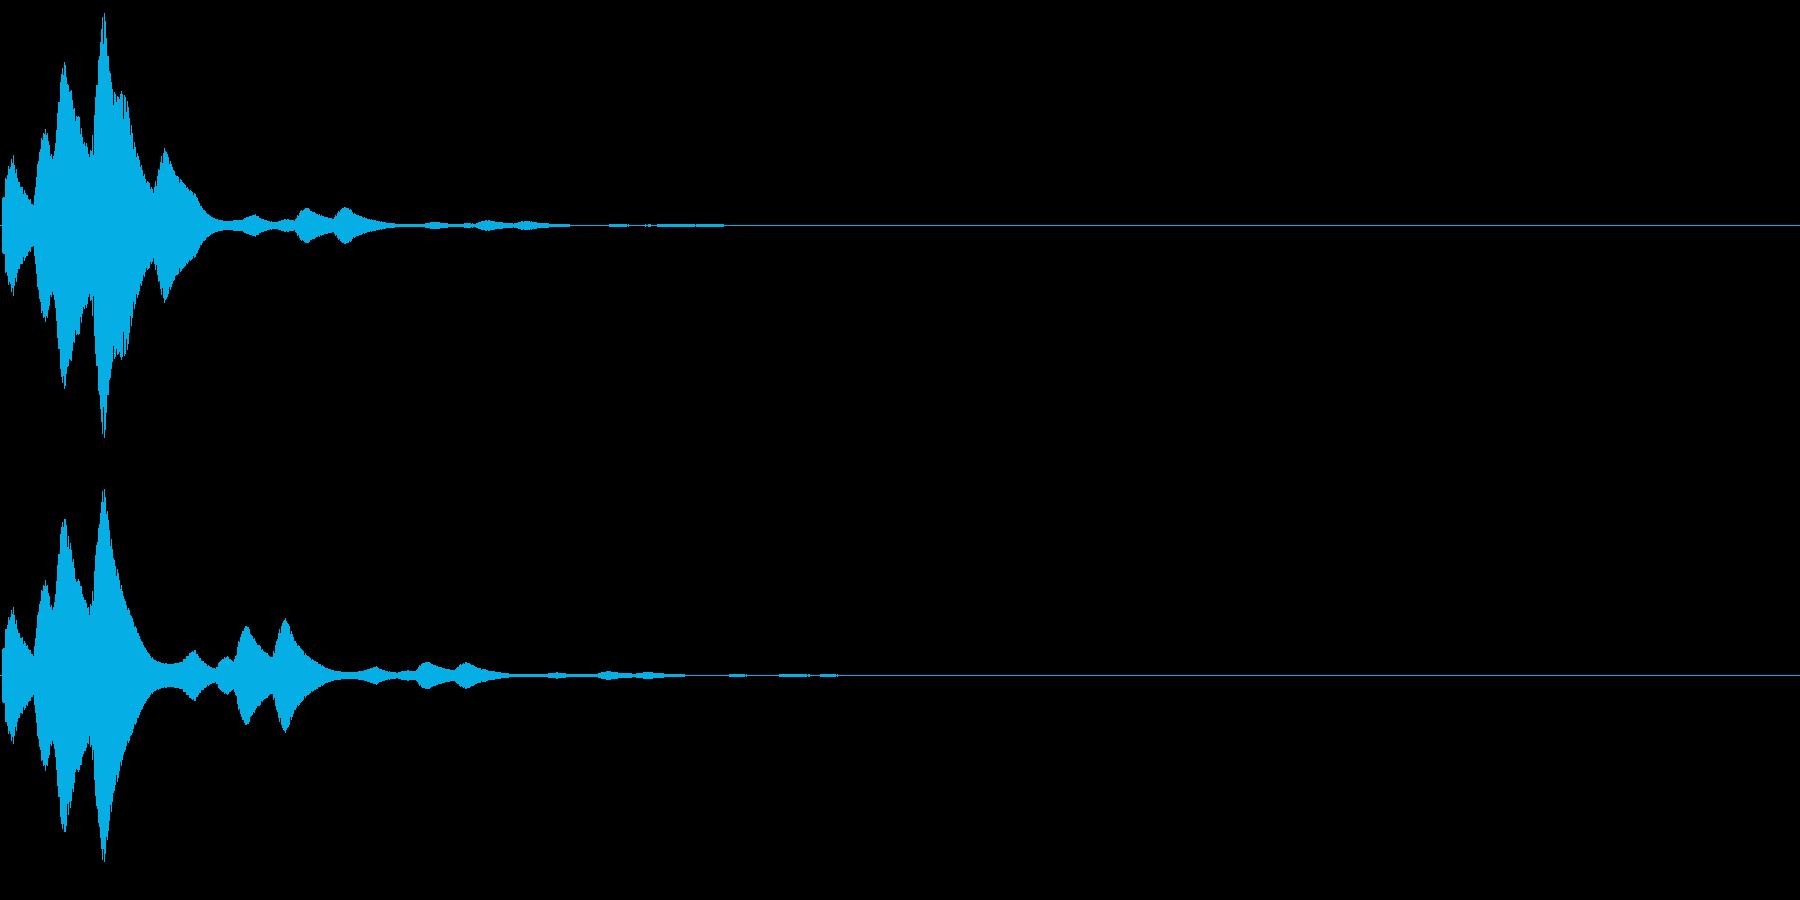 ピロリン(論題・題目・トピック音)の再生済みの波形